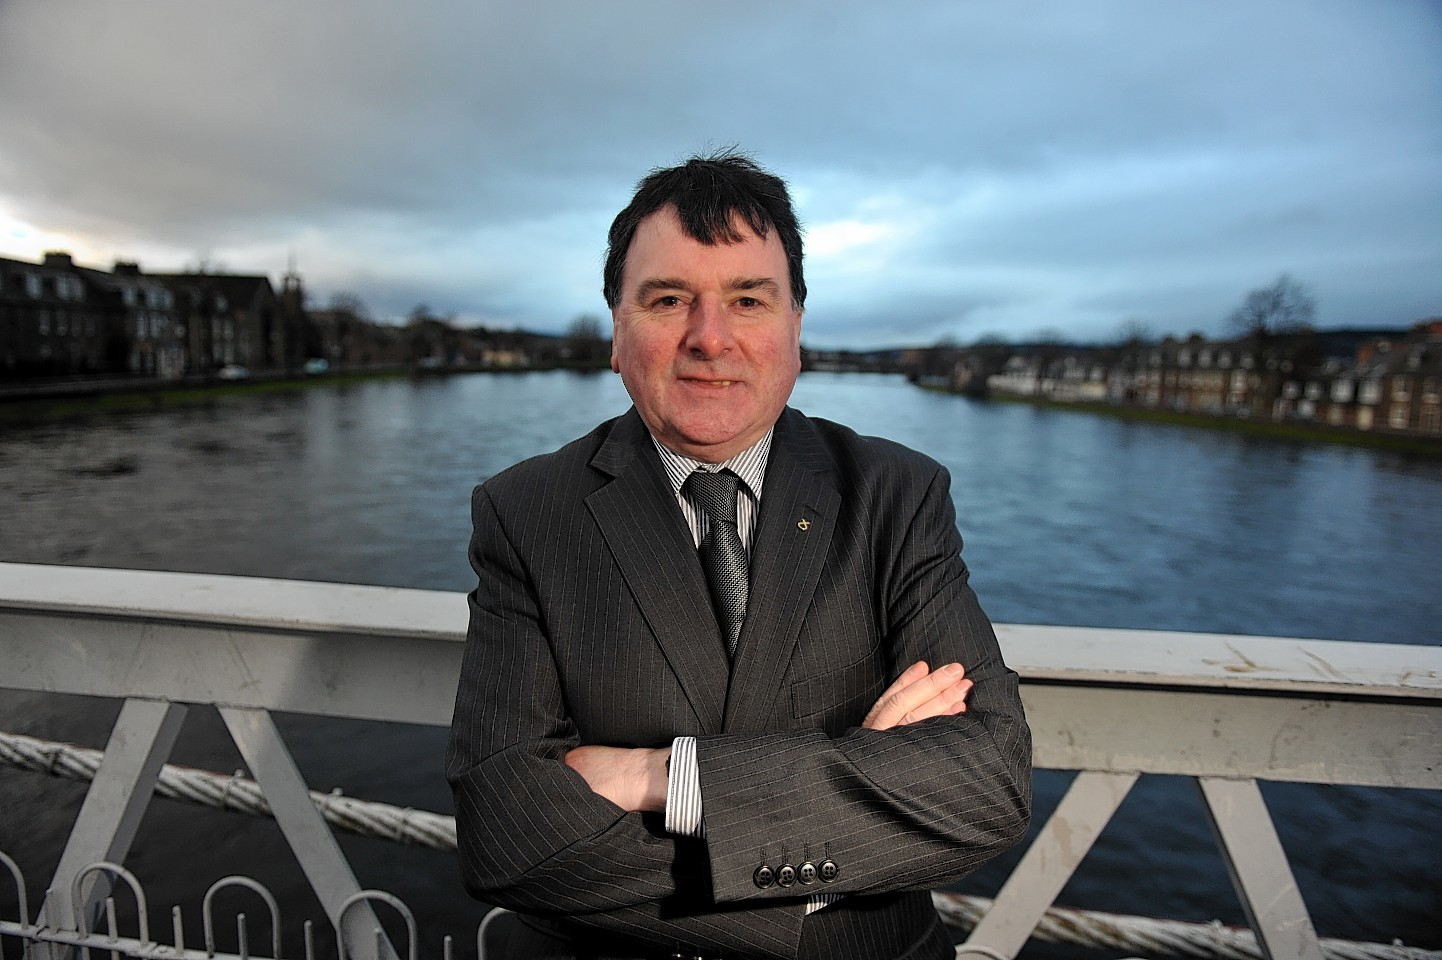 Councillor Ken Gowans